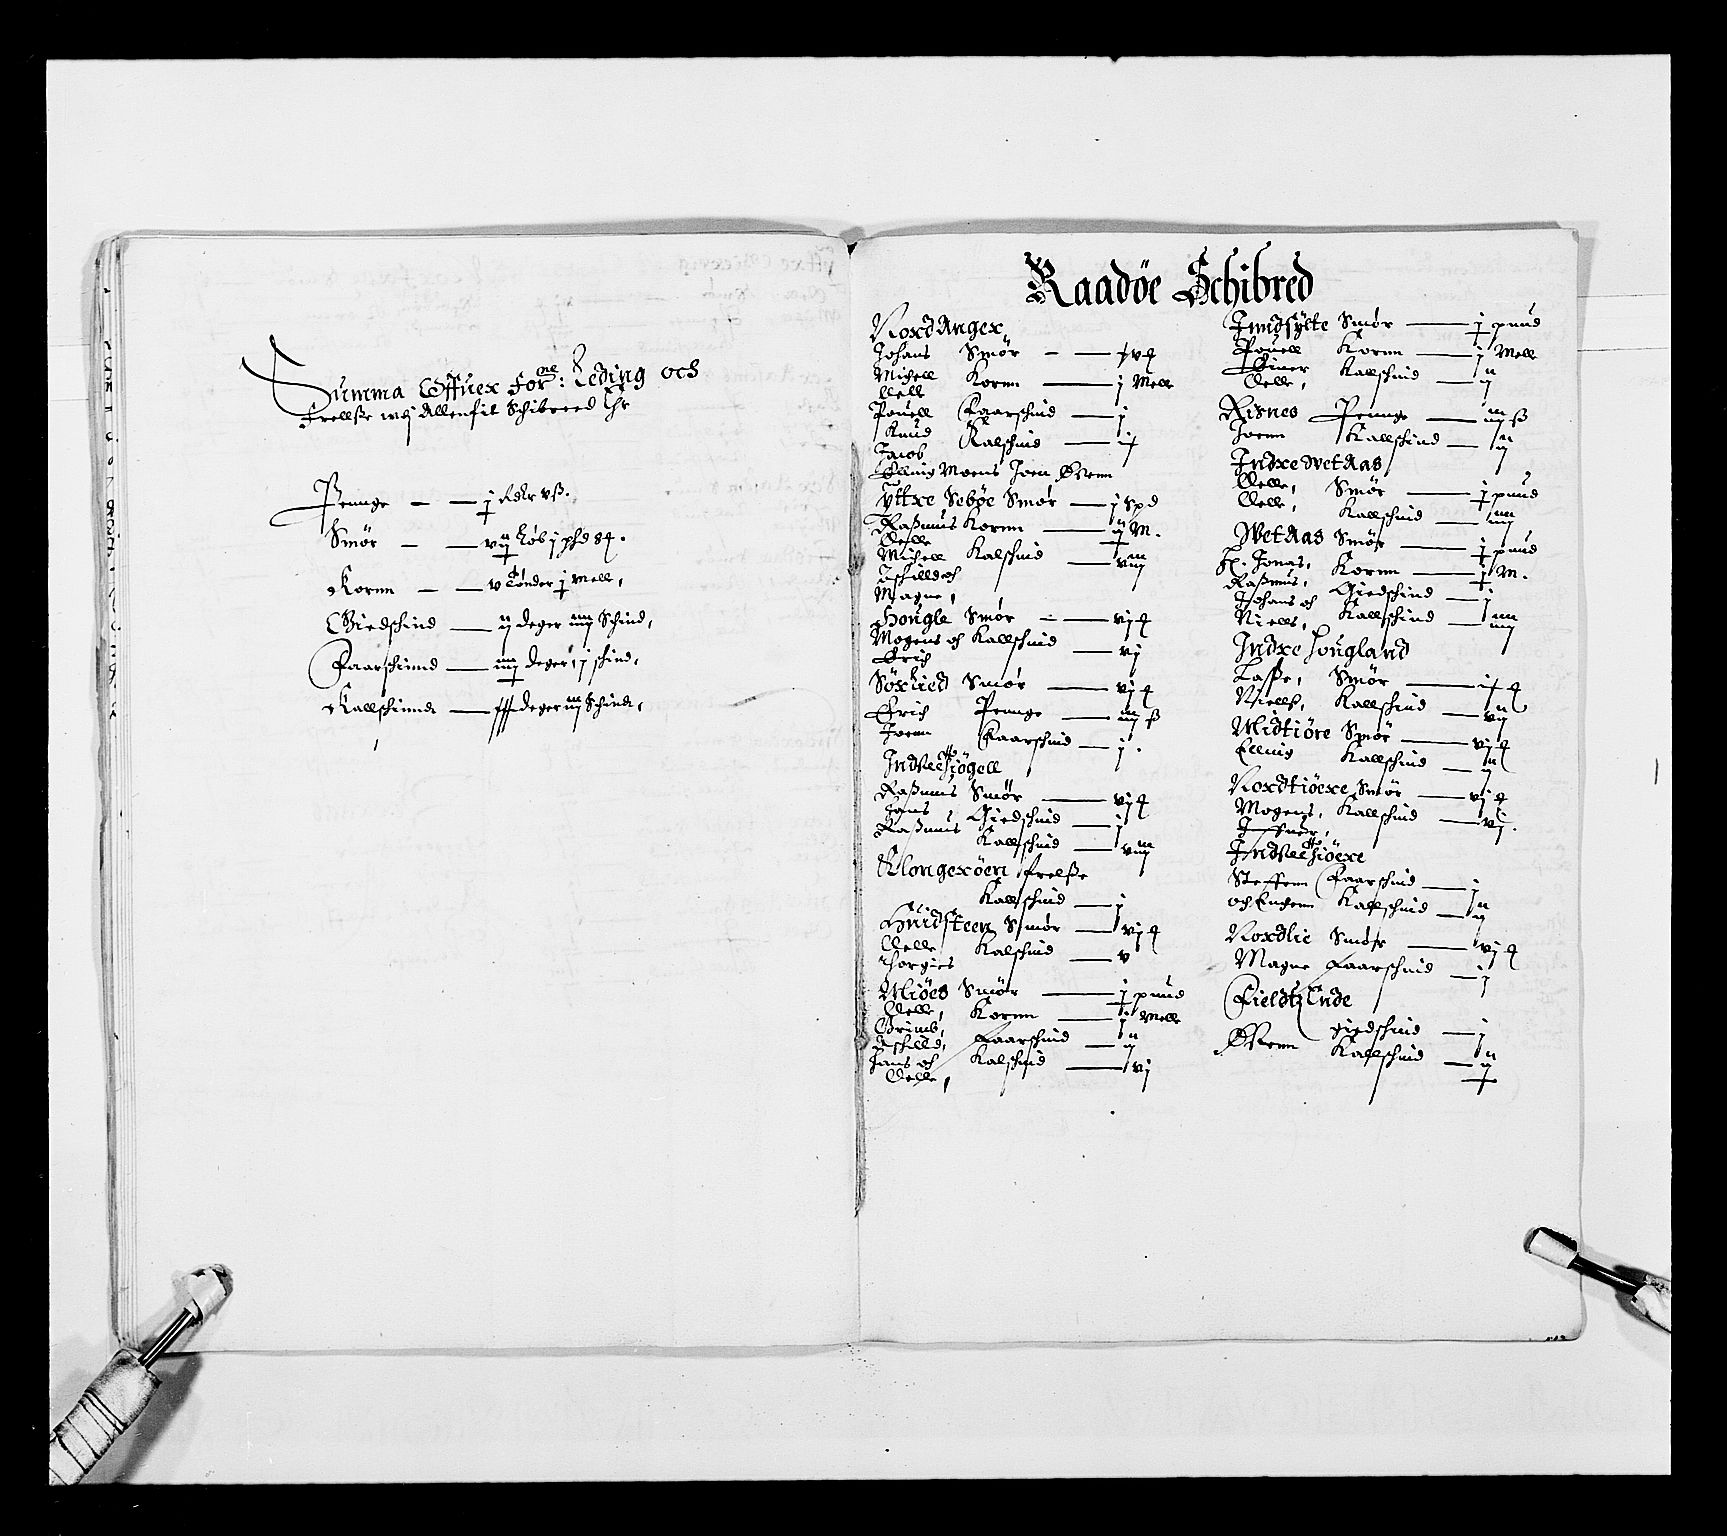 RA, Stattholderembetet 1572-1771, Ek/L0025: Jordebøker 1633-1658:, 1645-1646, s. 88